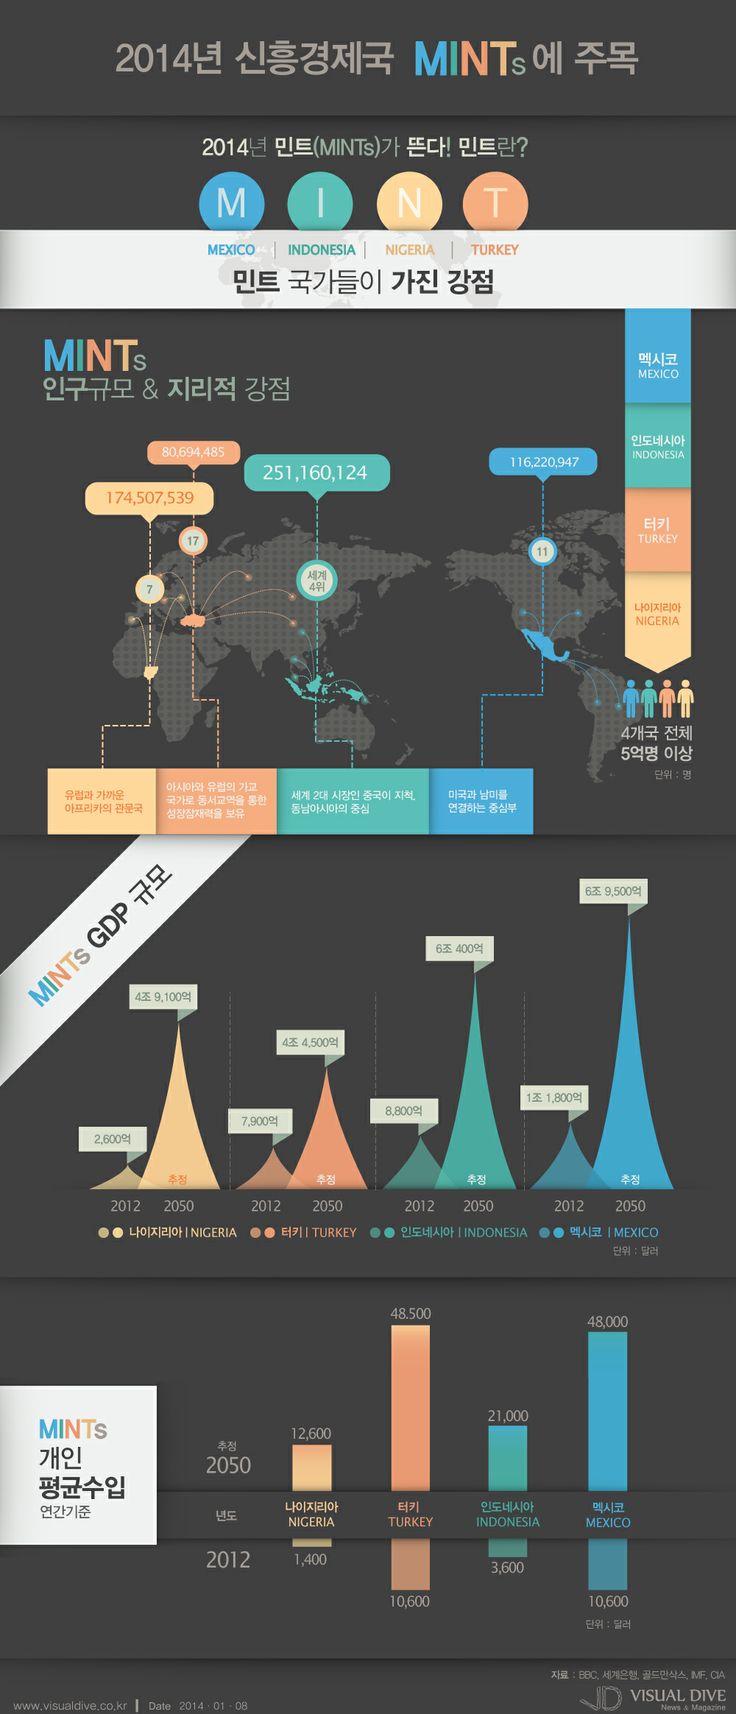 [인포그래픽] 2014년 신흥경제국 민트(MINTs)에 주목하라 #mints / #Infographic ⓒ 비주얼다이브 무단 복사·전재·재배포 금지